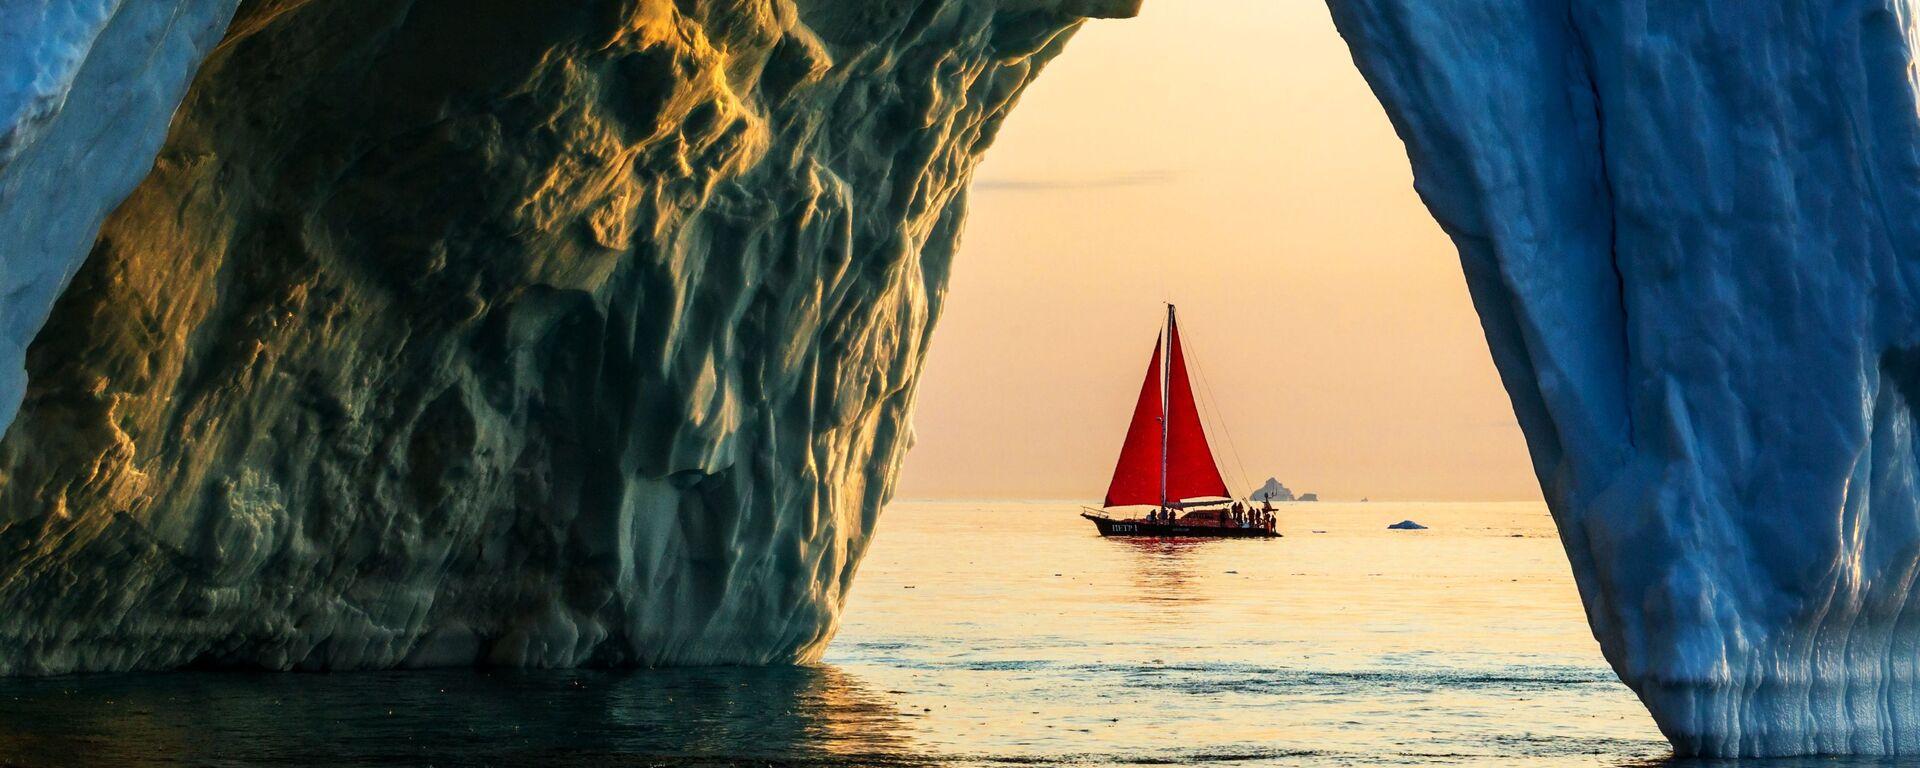 Lo yacht 'Pietro il Grande' naviga vicino ad un iceberg nelle acque della Groenlandia durante la spedizione della società russa Rusark - Sputnik Italia, 1920, 22.10.2019